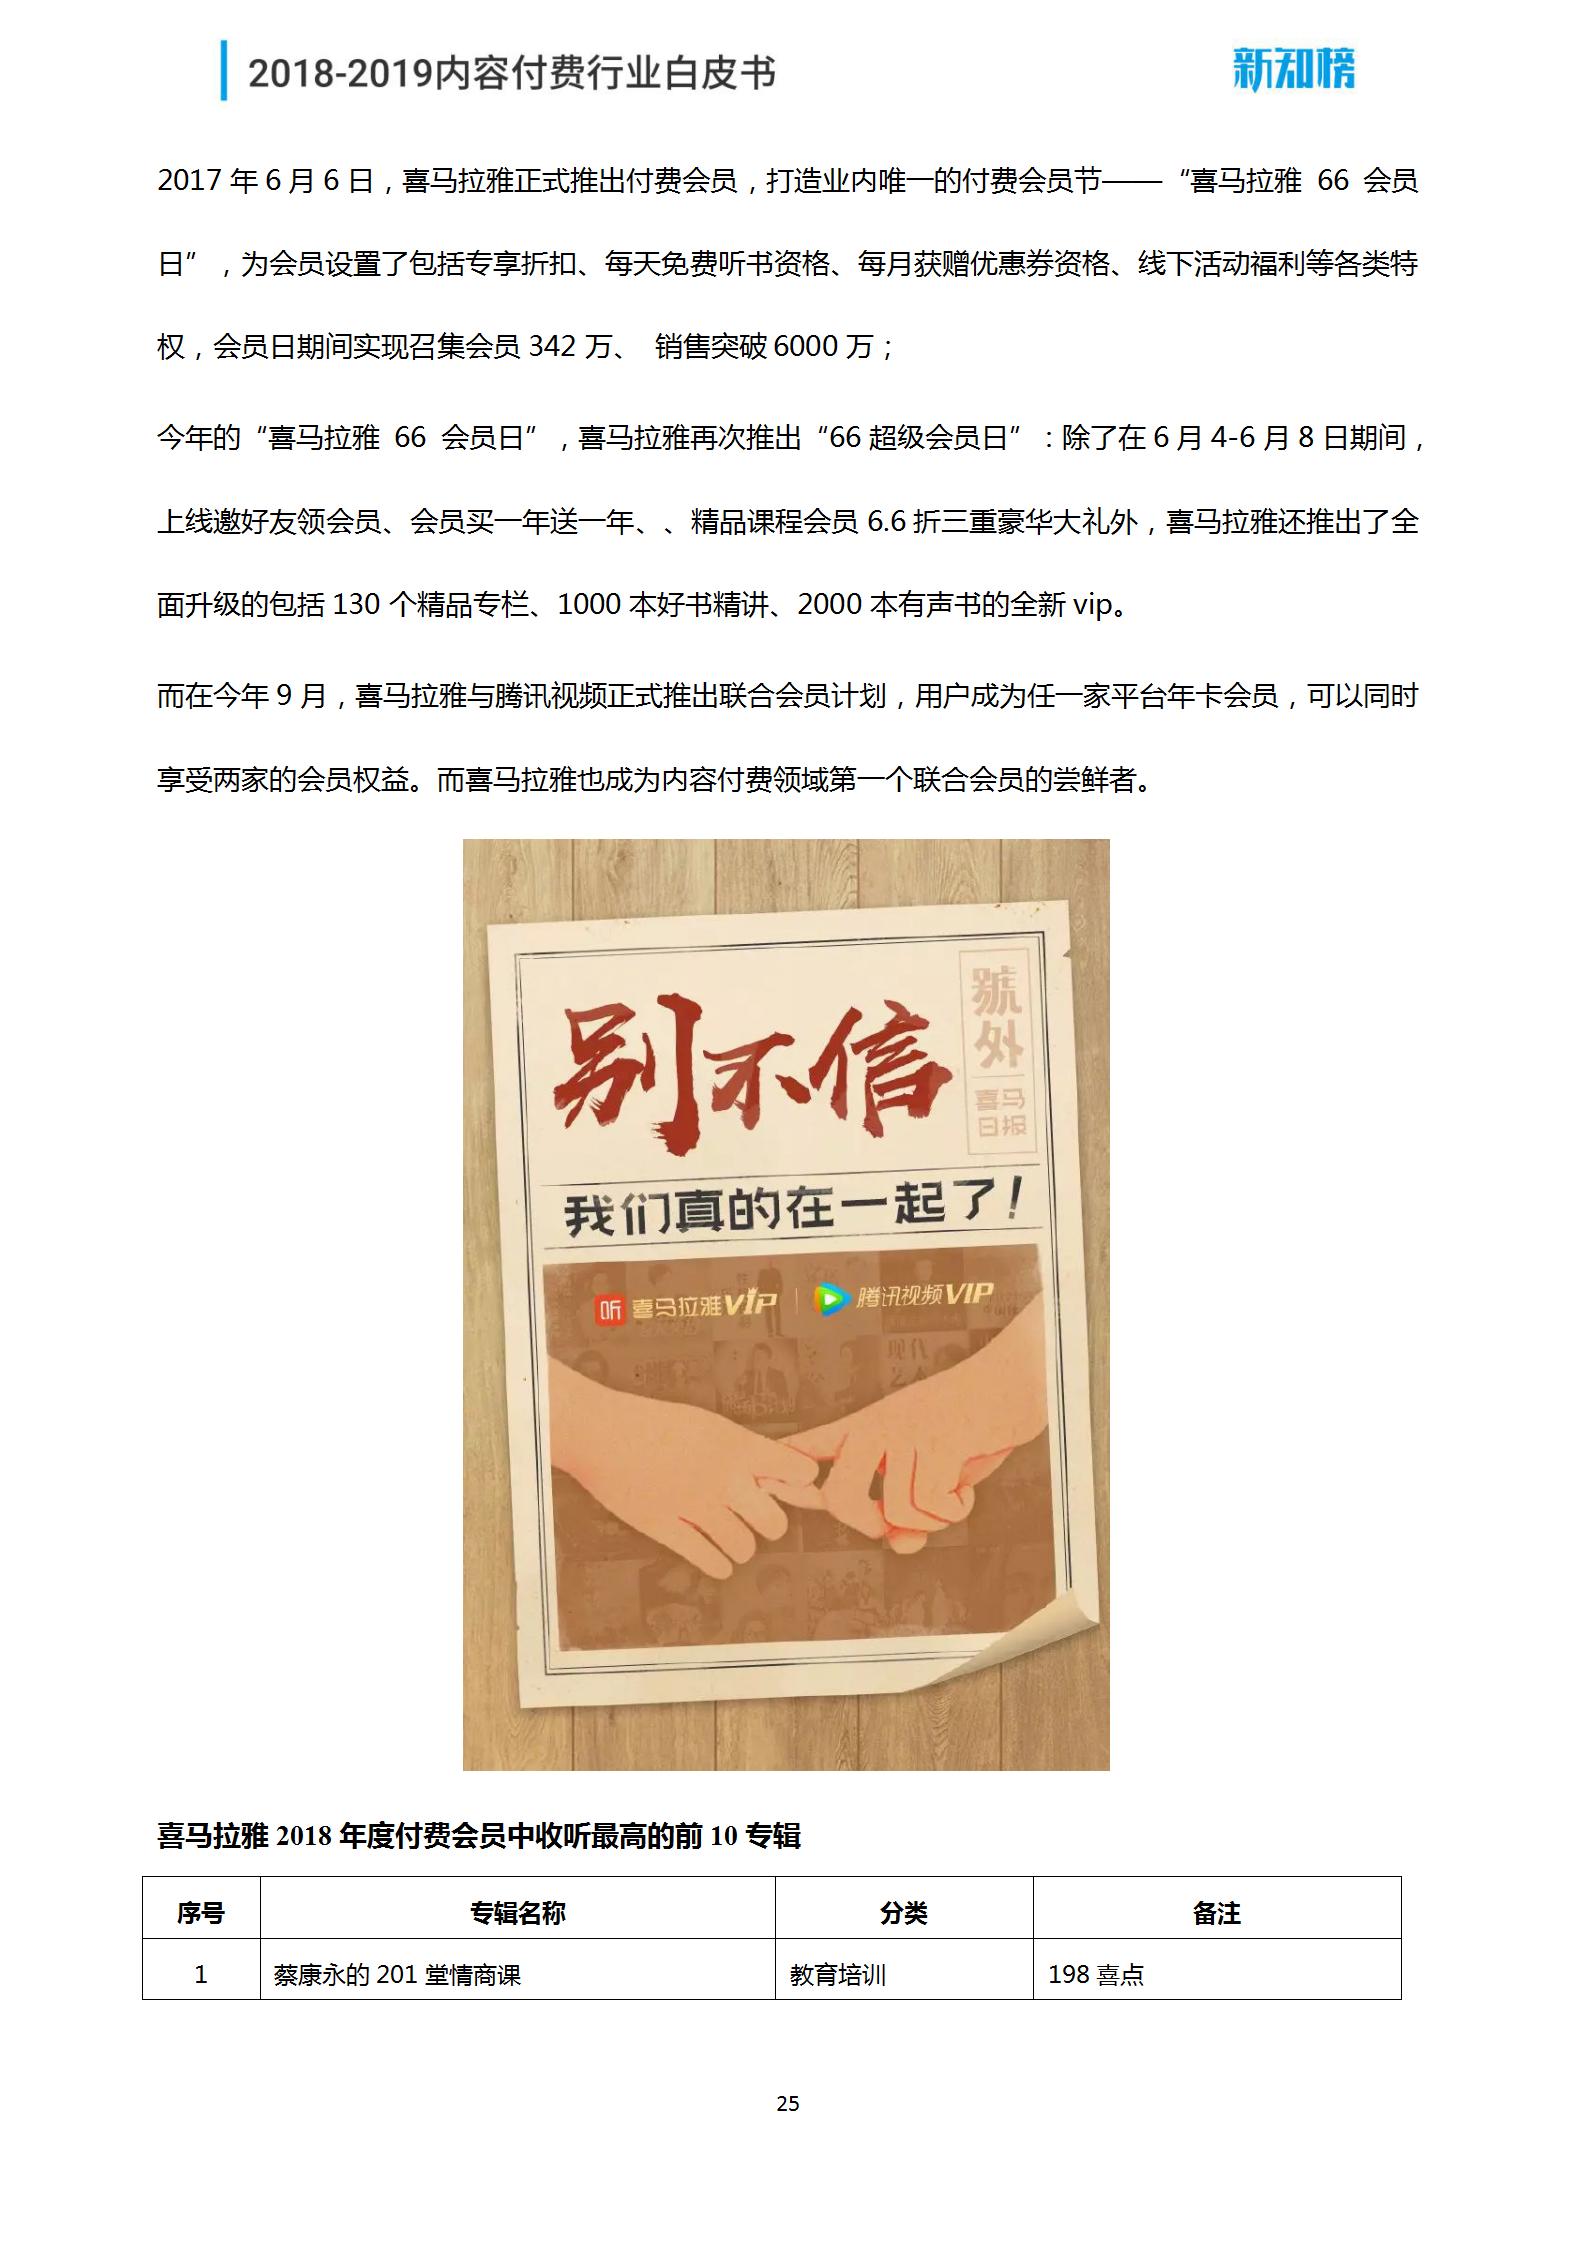 新知榜2018-2019内容付费行业白皮书_25.png